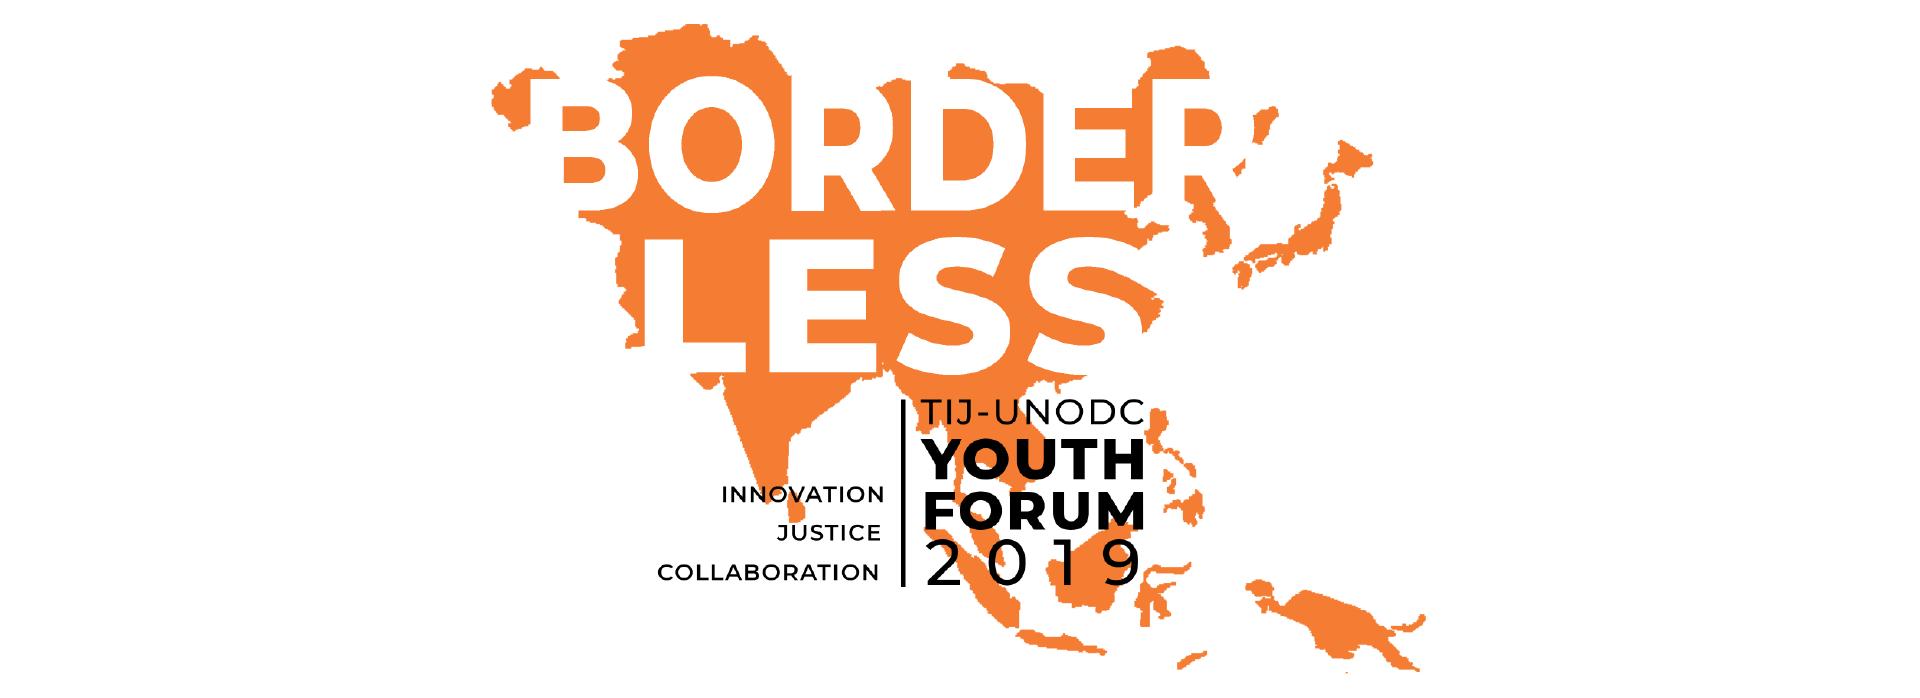 TIJ-UNODC Youth Forum 2019